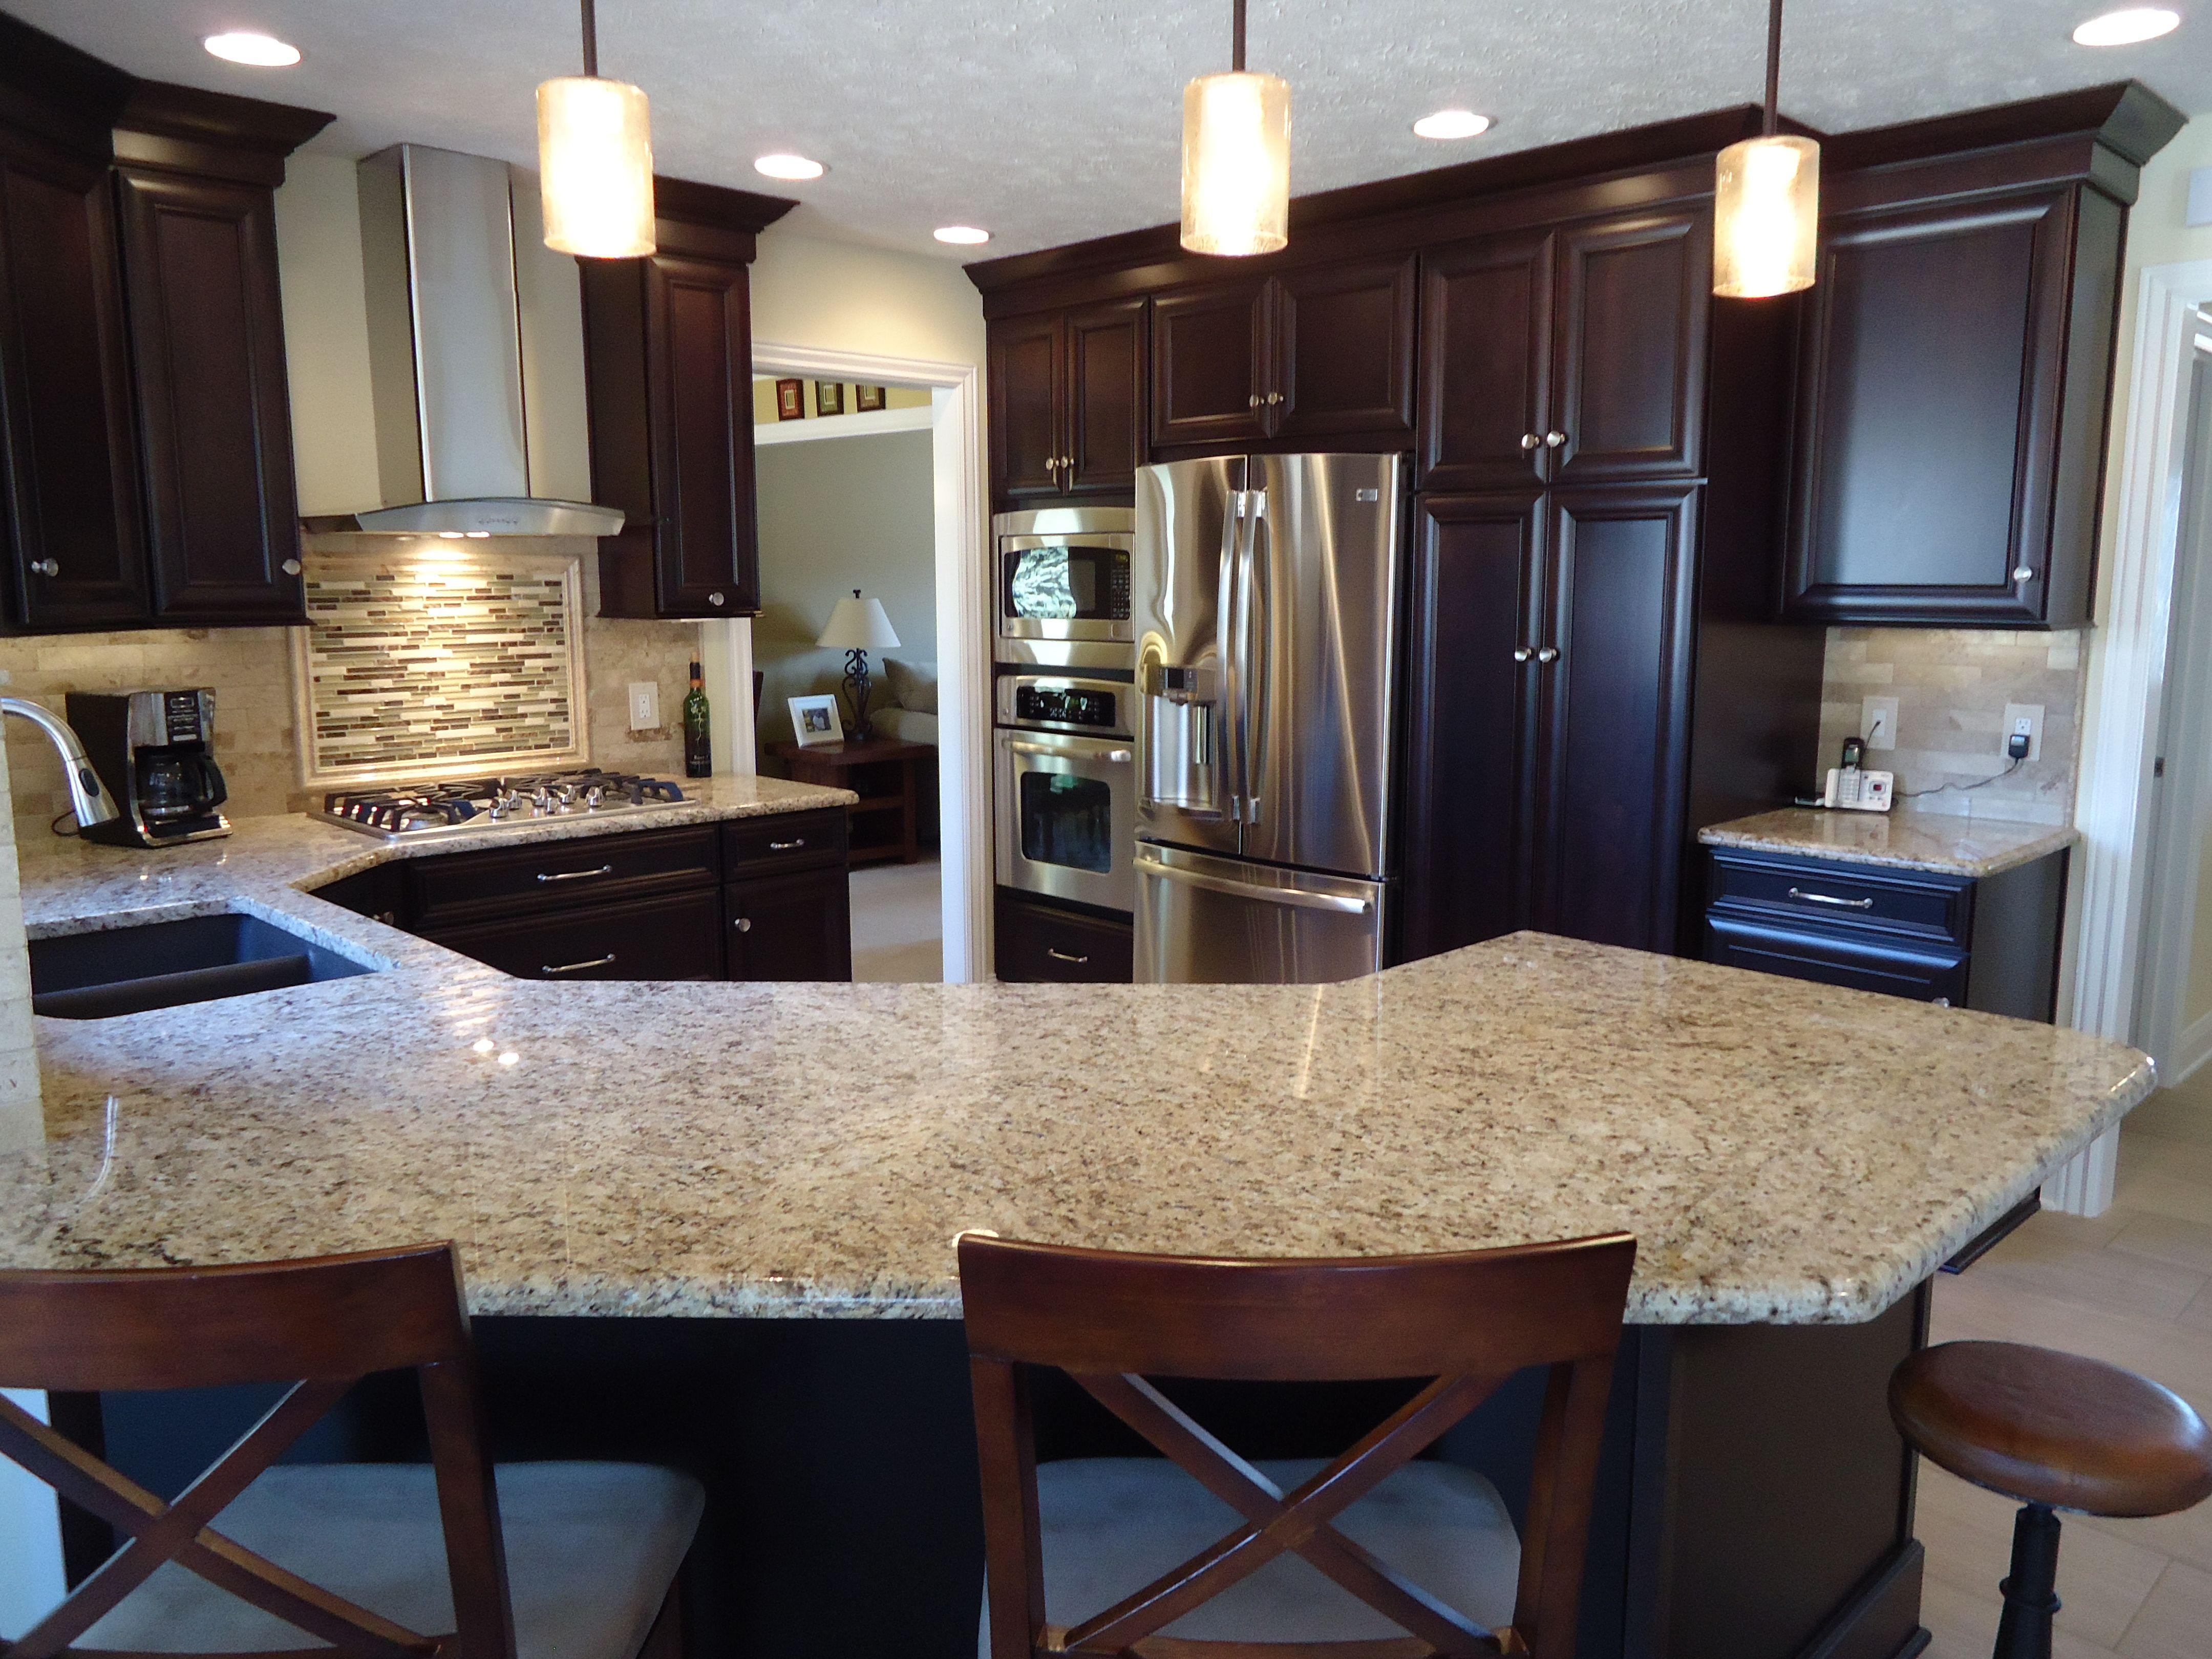 Kitchens By Design Omaha Kitchen Design Help Kitchen Design Kitchen Design Images